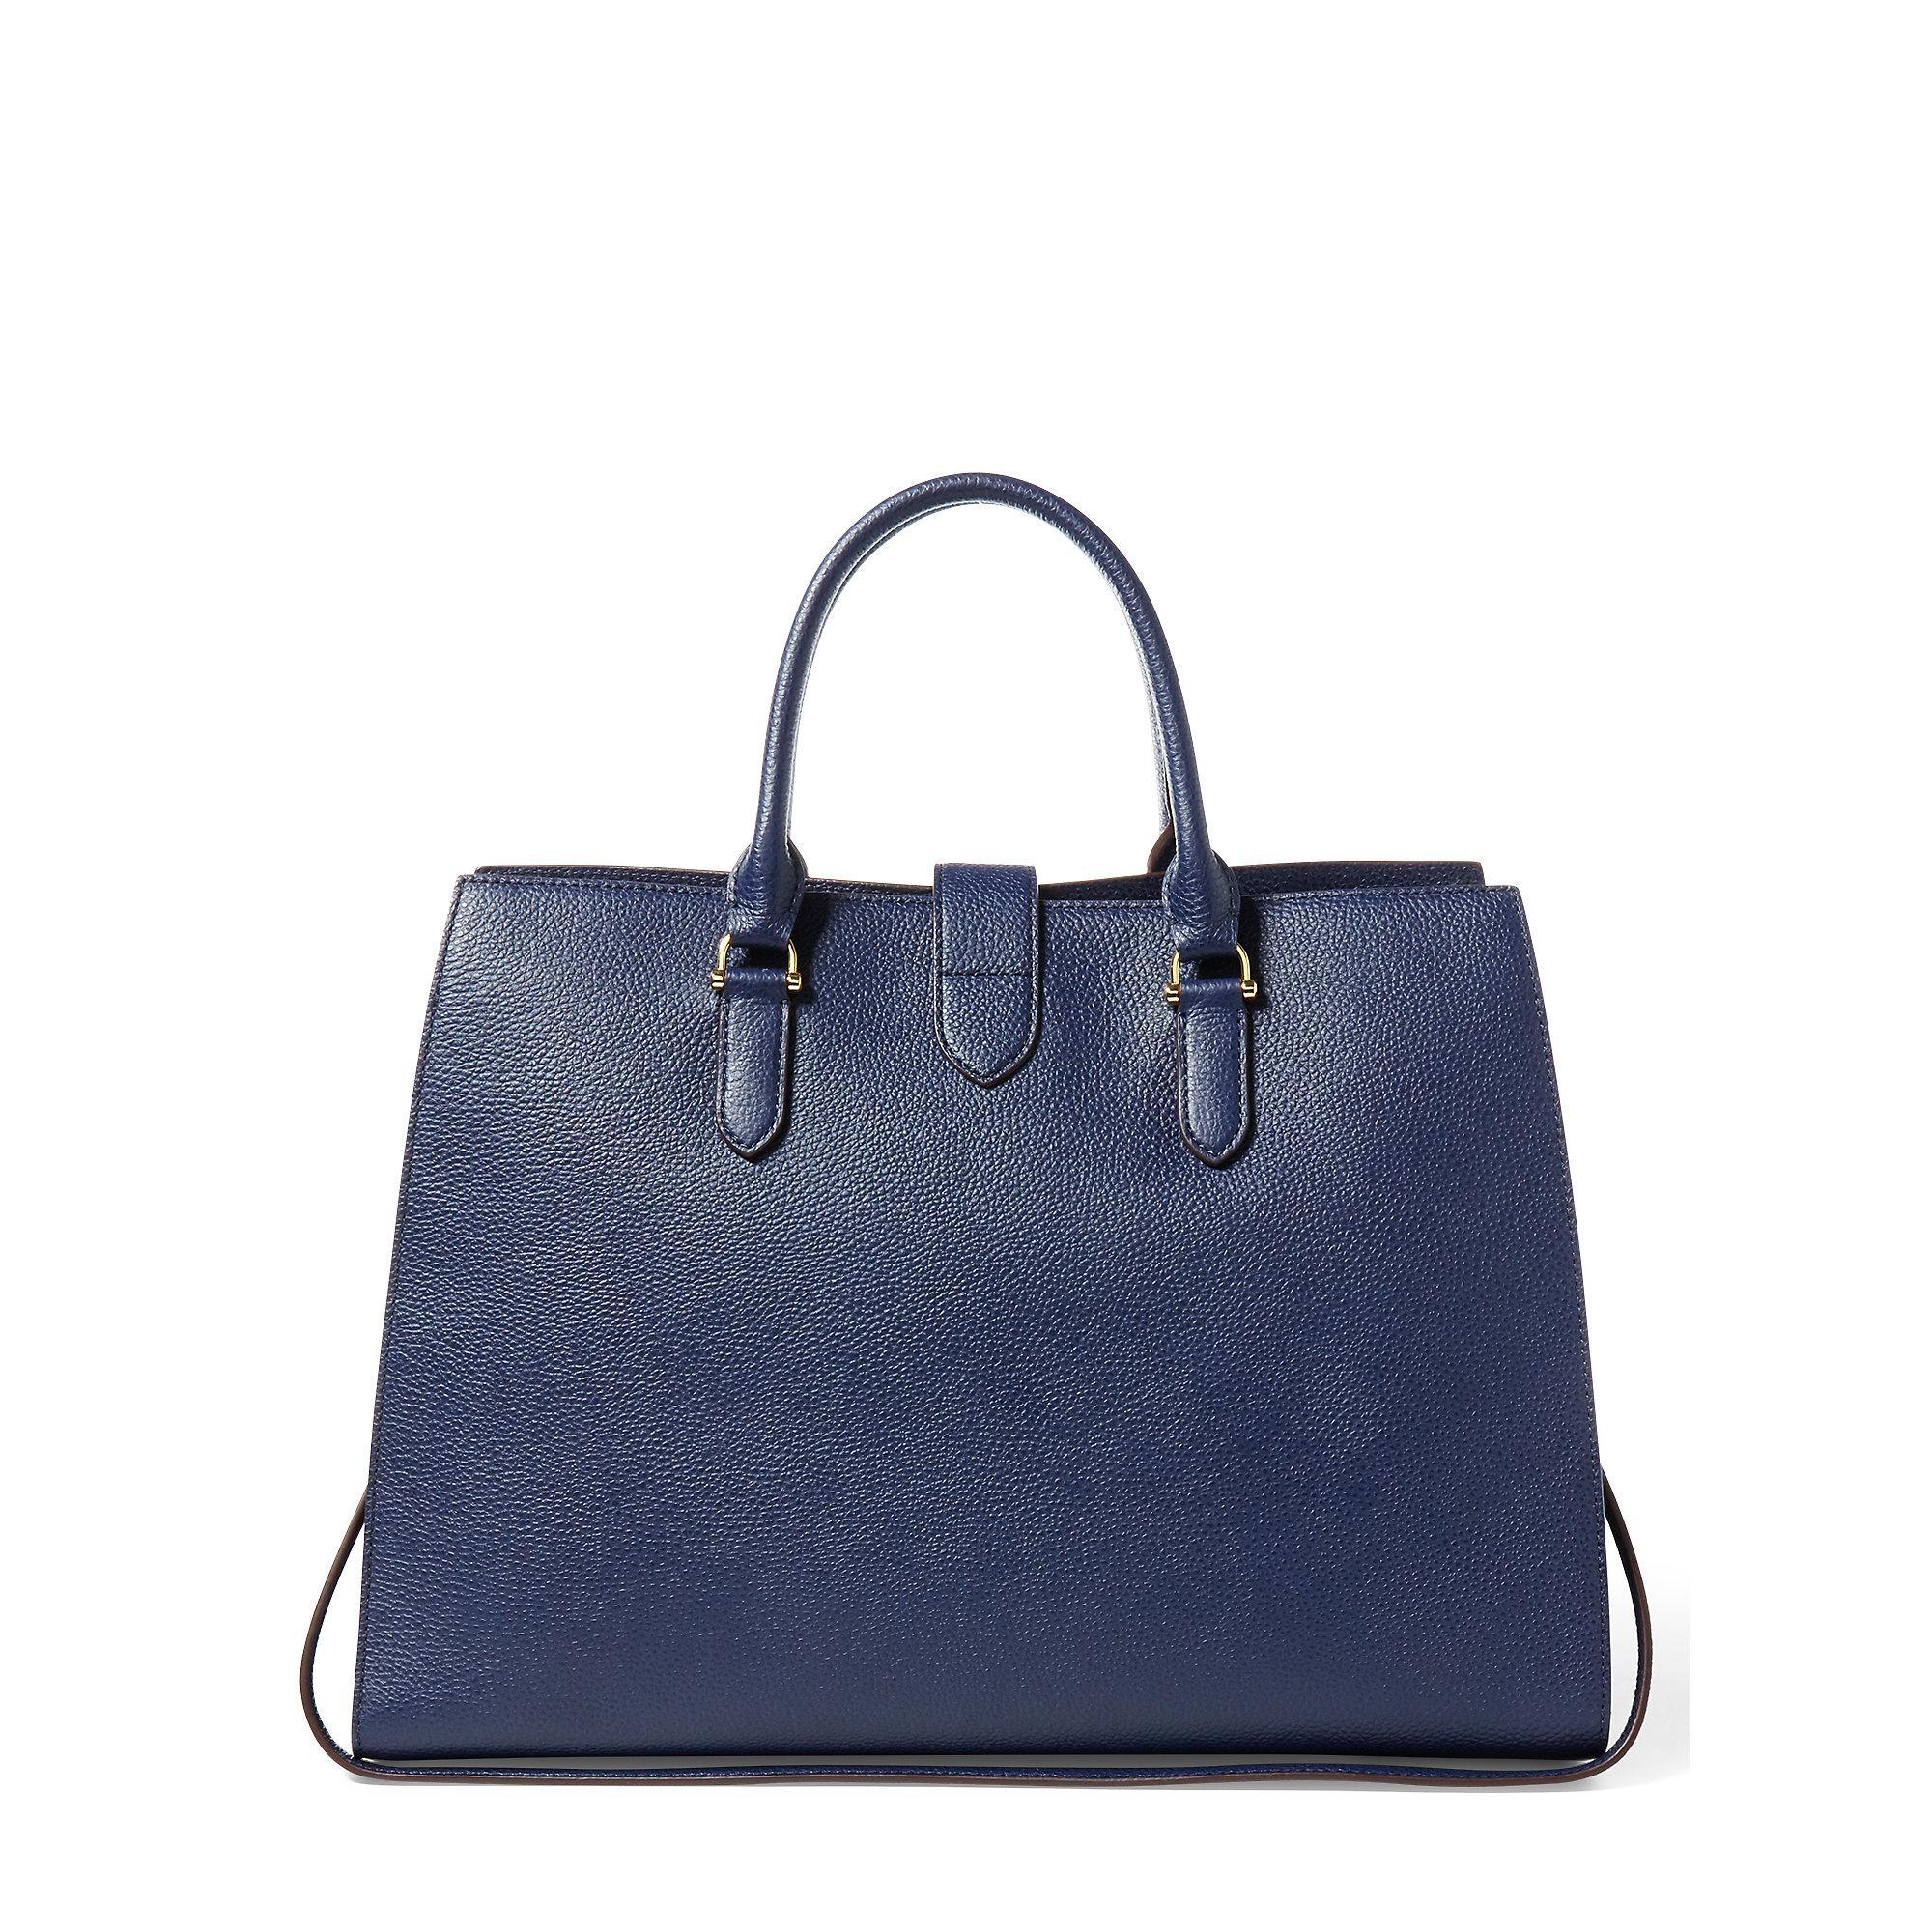 6f0e68b32e Lyst - Ralph Lauren Pebbled Leather Brigitte Tote in Blue